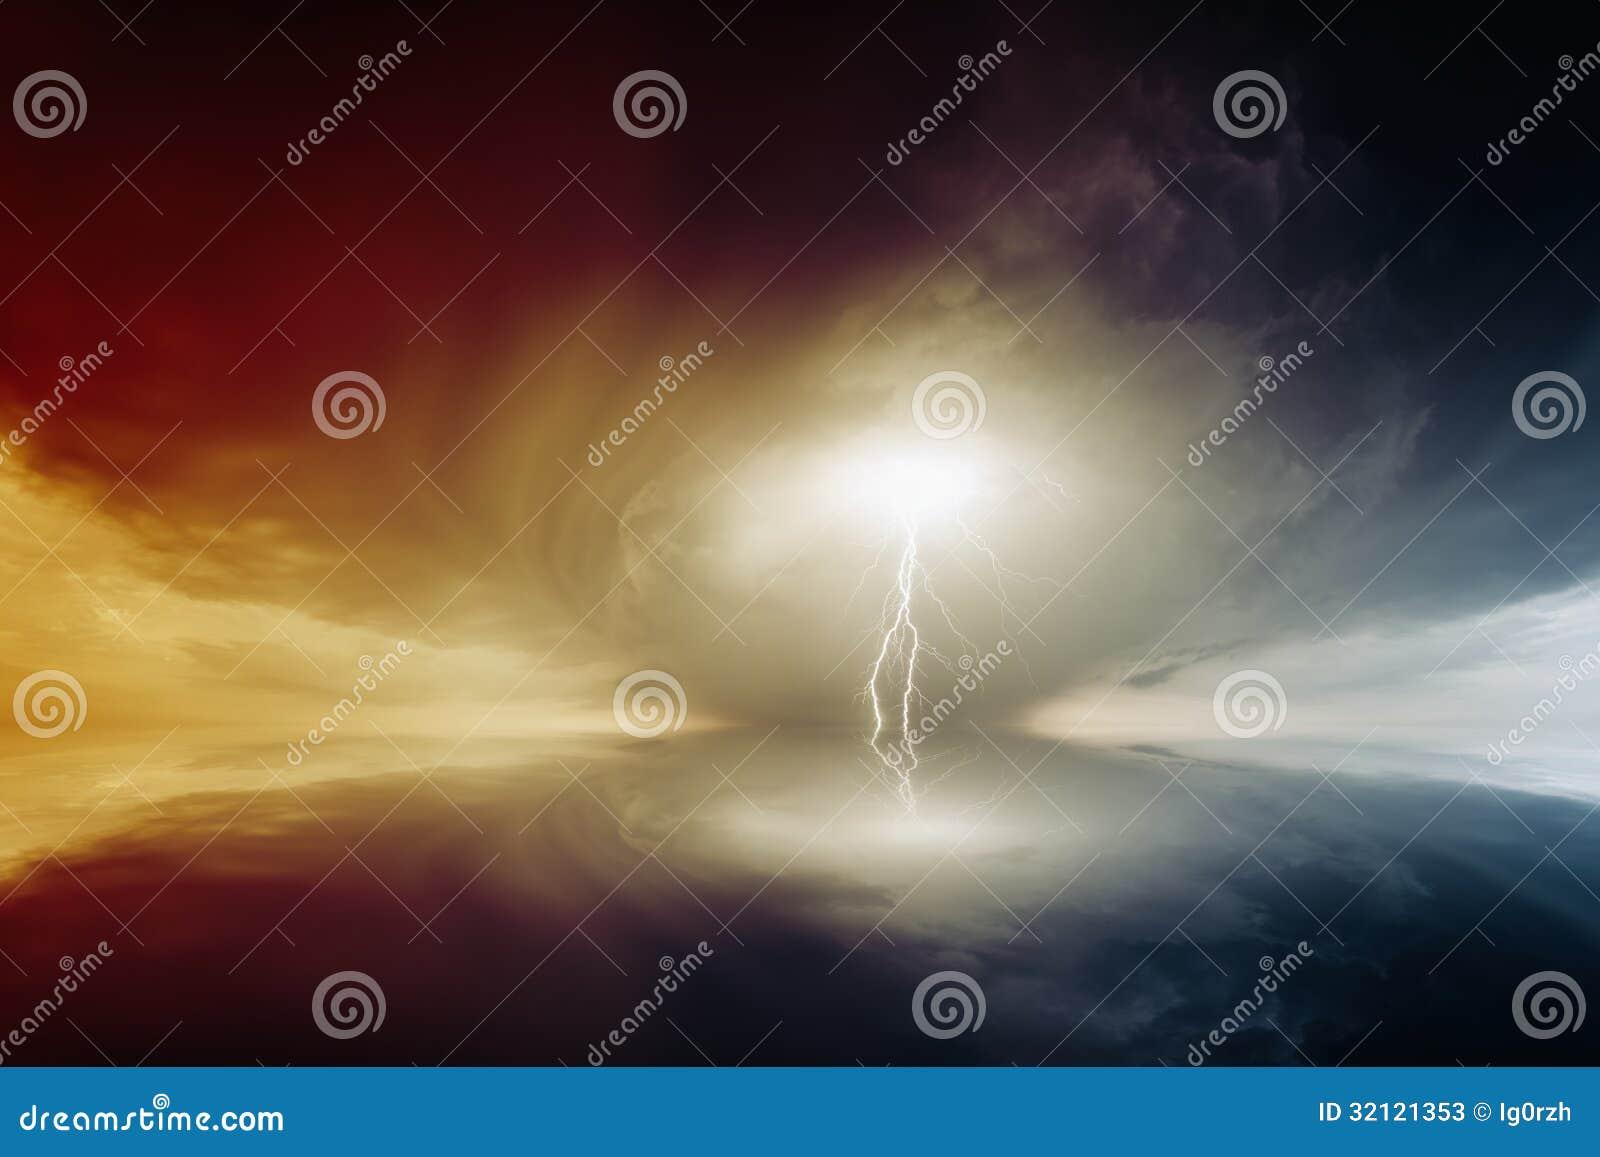 Ciel orageux avec des foudres